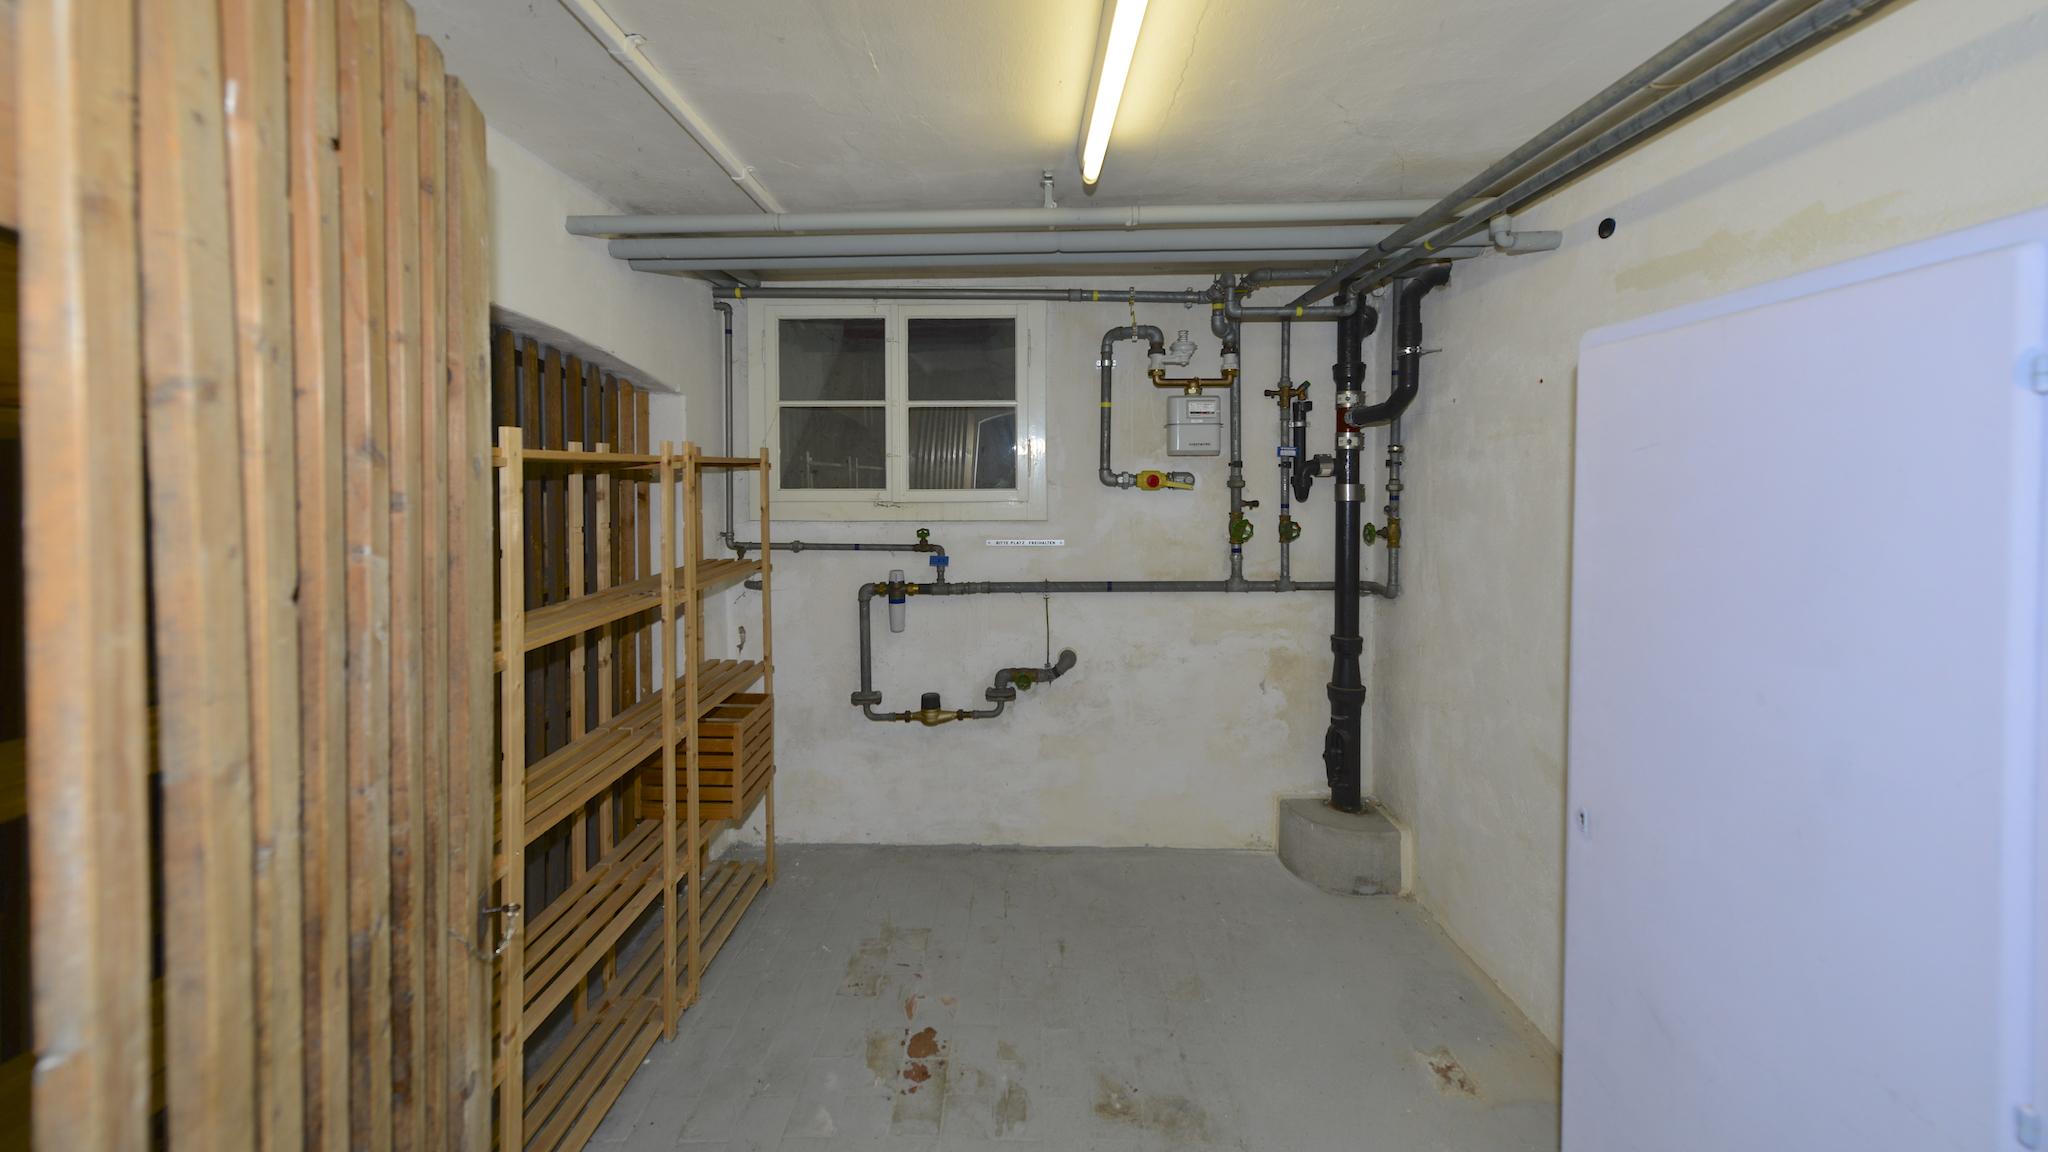 Kellerraum mit Leitungen